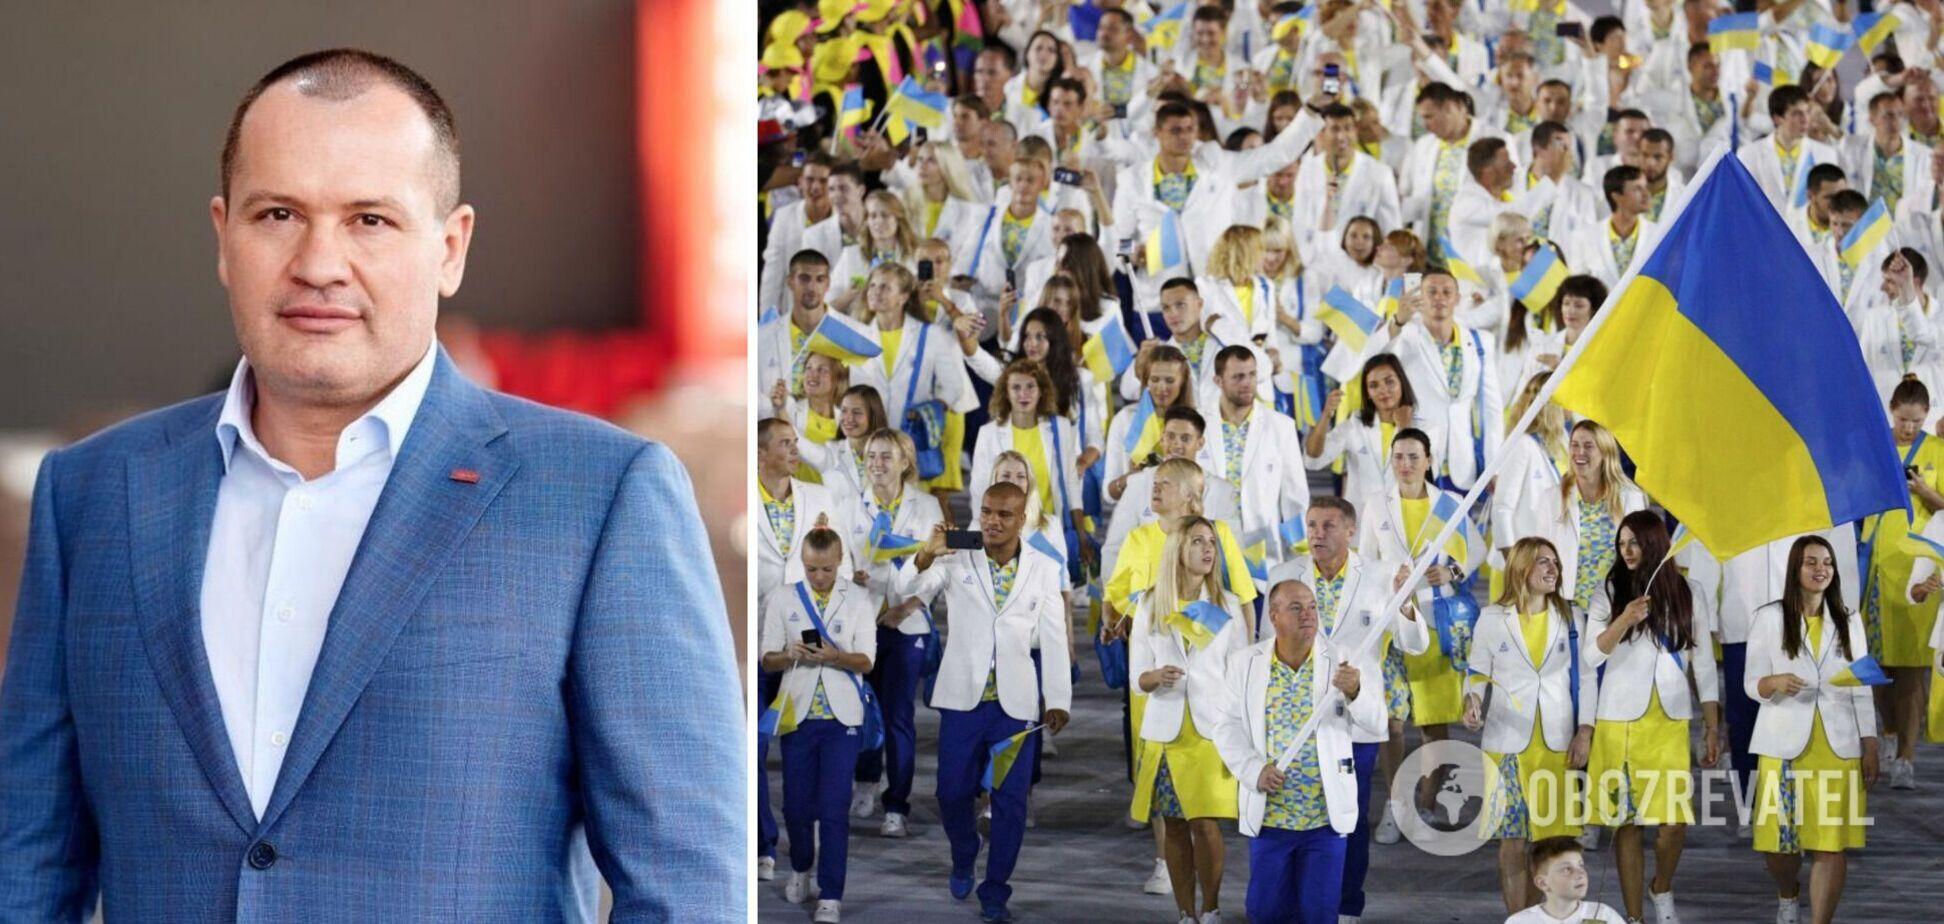 Найменша в історії України збірна на Олімпійських іграх є результатом недофінансування спорту, – Палатний